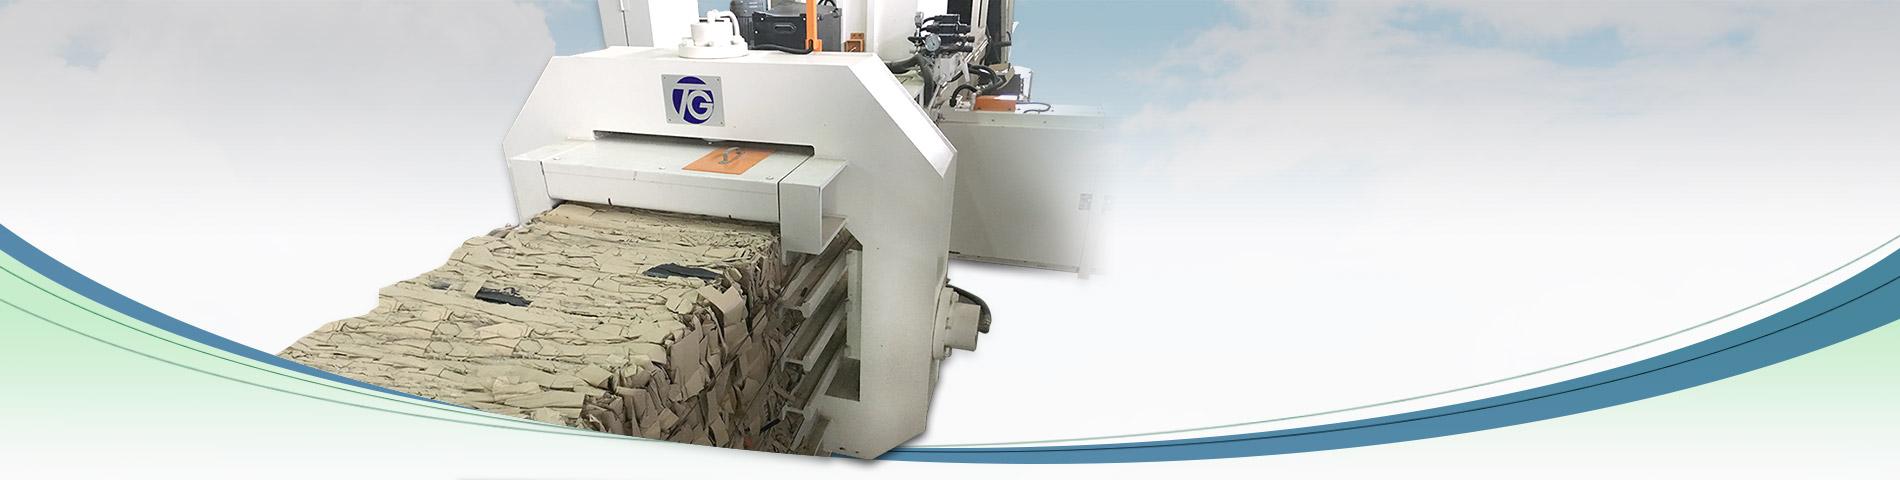 全球熱銷的 廢紙自動捆包機